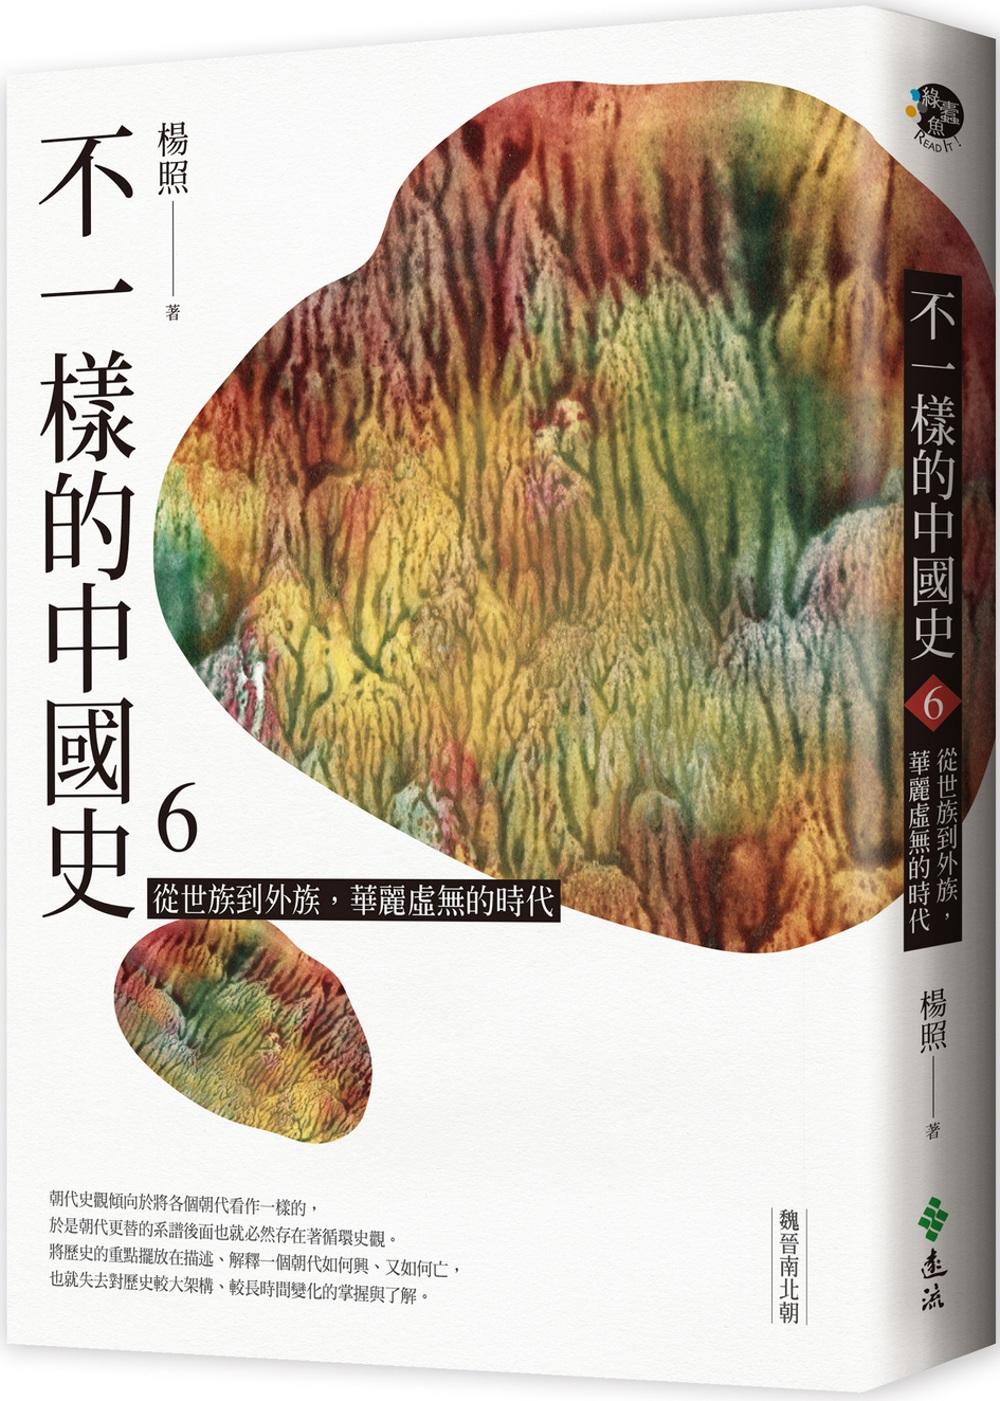 不一樣的中國史6:從世族到外族,華麗虛無的時代──魏晉南北朝